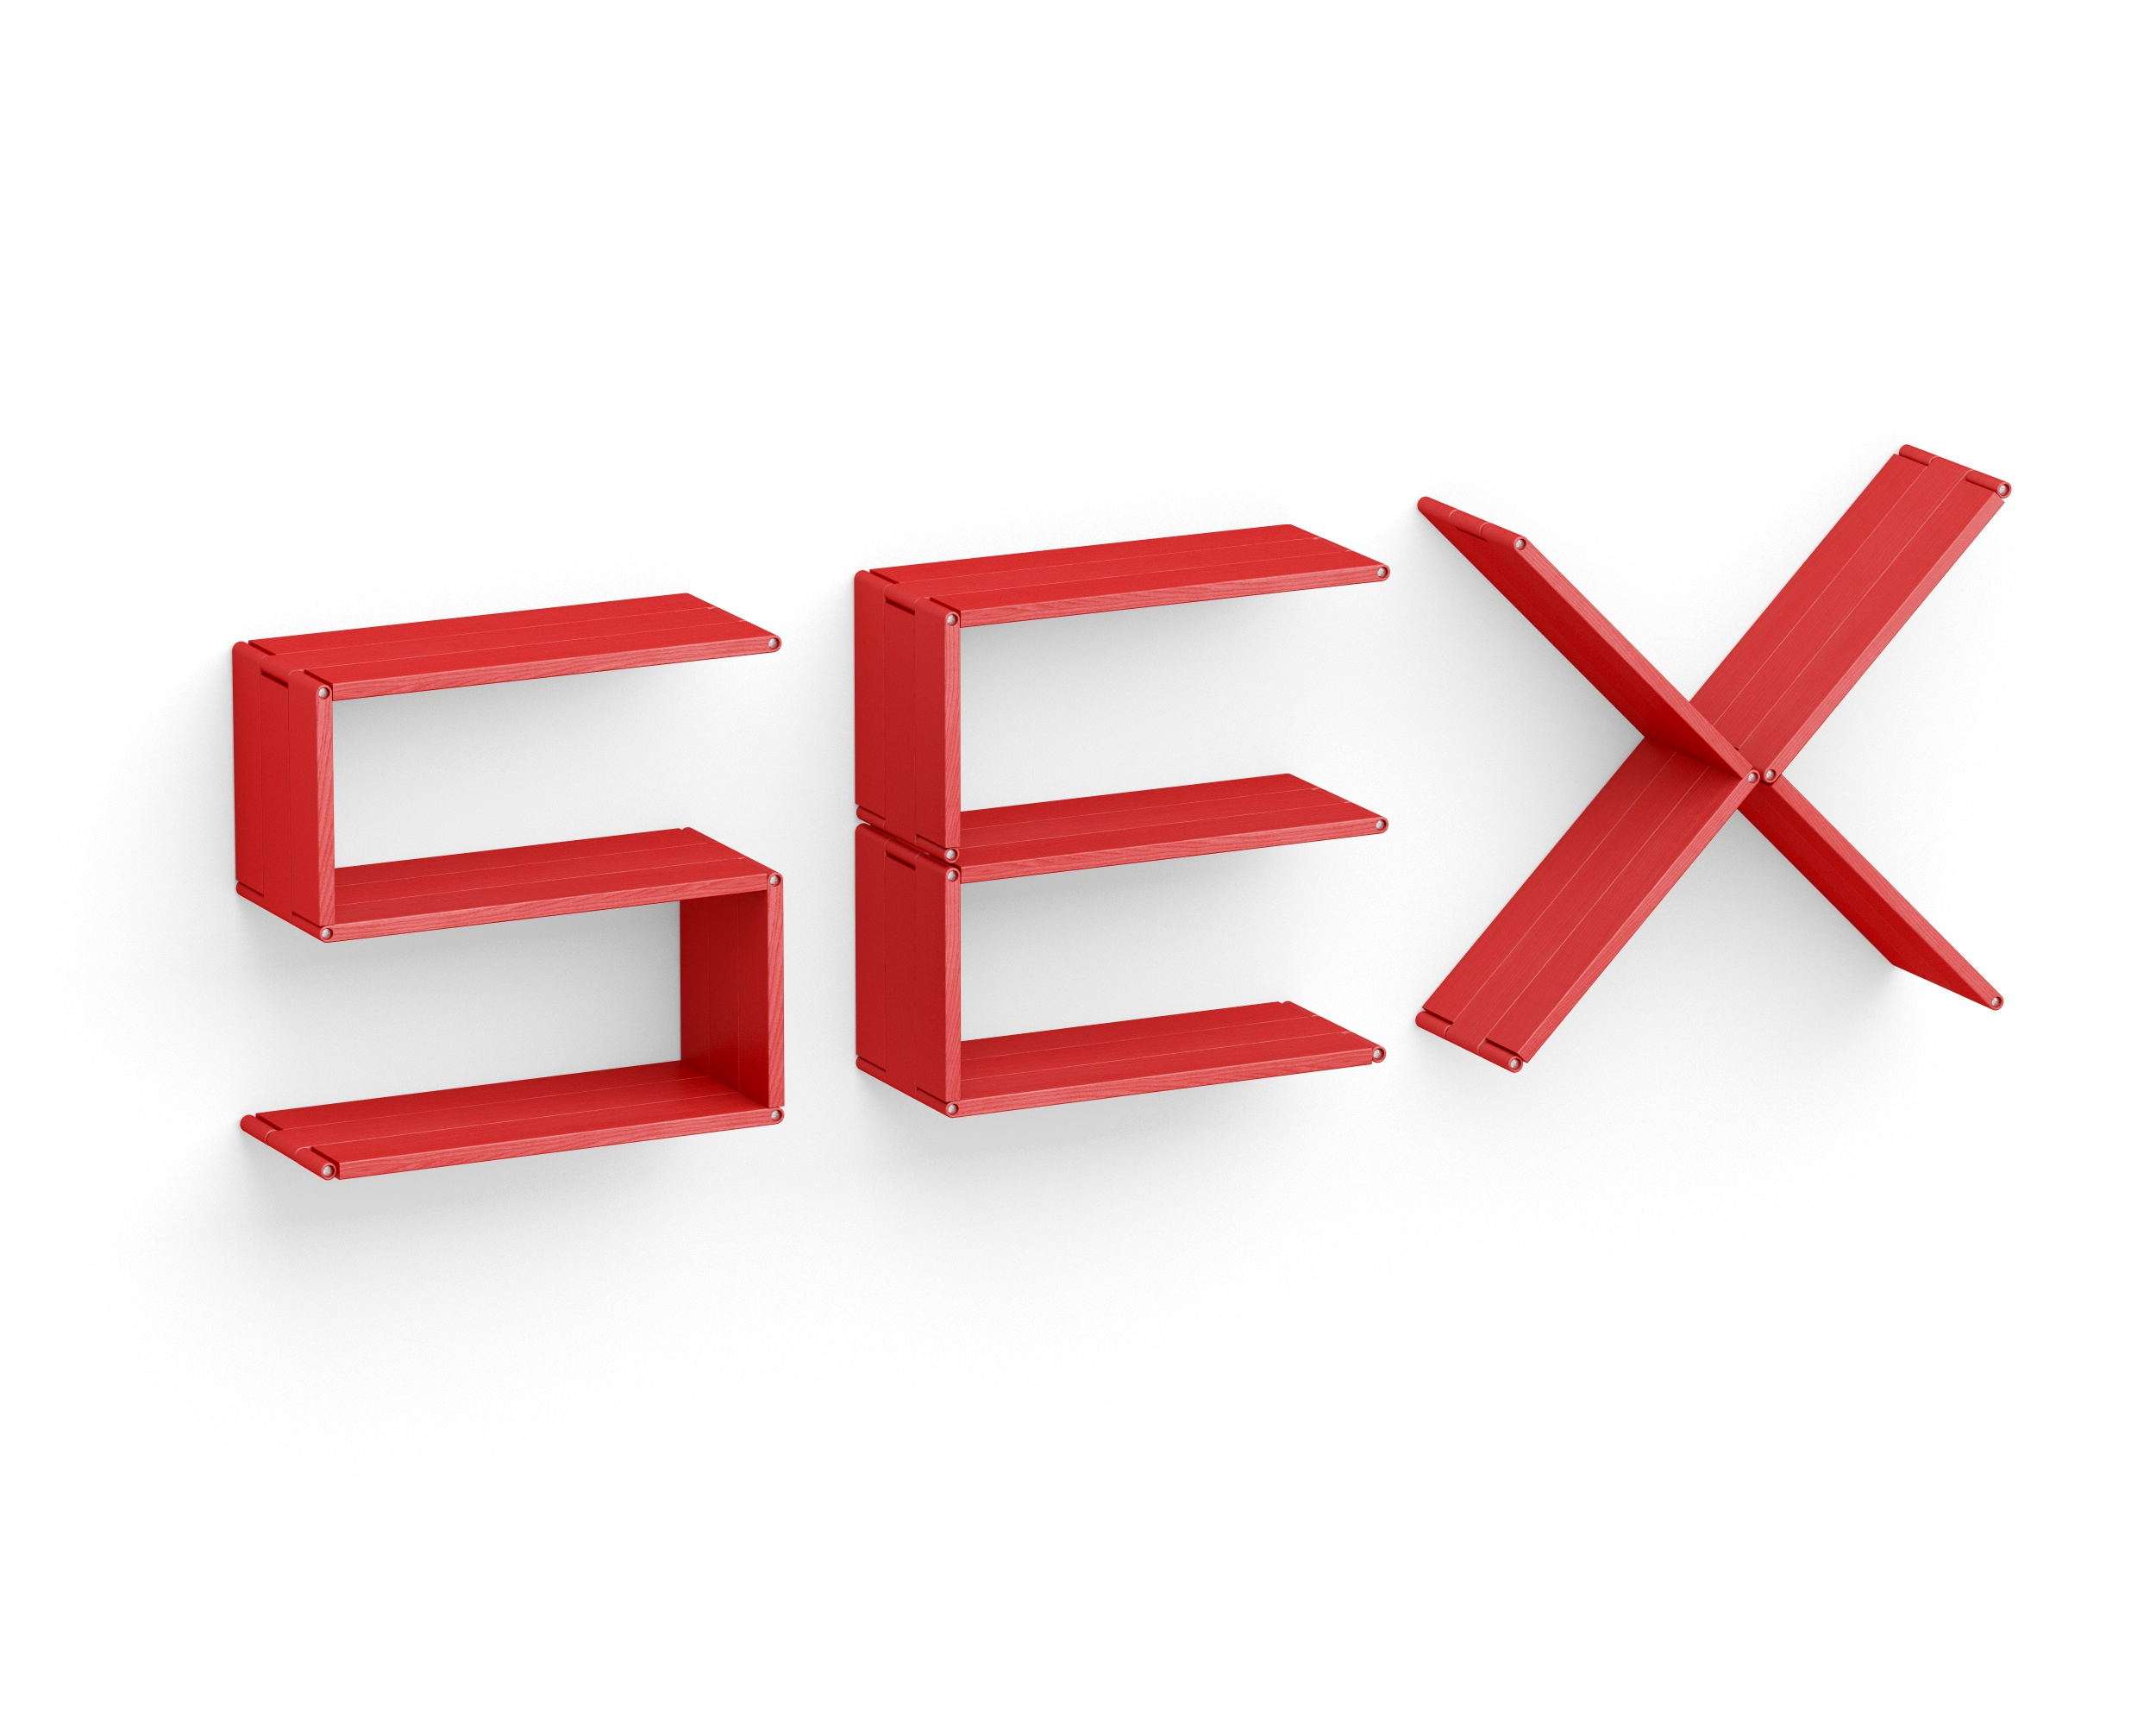 Полка-конструктор LATITUDE Flex Shelf set 151Полки<br>Провокация, смелость, дерзость. Решитесь ли вы на установку полки-трансформера &amp;quot;Latitude Flex Shelf Set 167&amp;quot;, сочетающей в себе все эти качества? Ярко-красная надпись &amp;quot;Sex&amp;quot;, принявшая объемные формы, безусловно, привлечет к себе внимание. В эффектную спальню, современный лаунж или эклектичную гостиную она впишется идеально.<br><br>Material: Ясень<br>Width см: 209<br>Depth см: 22<br>Height см: 60